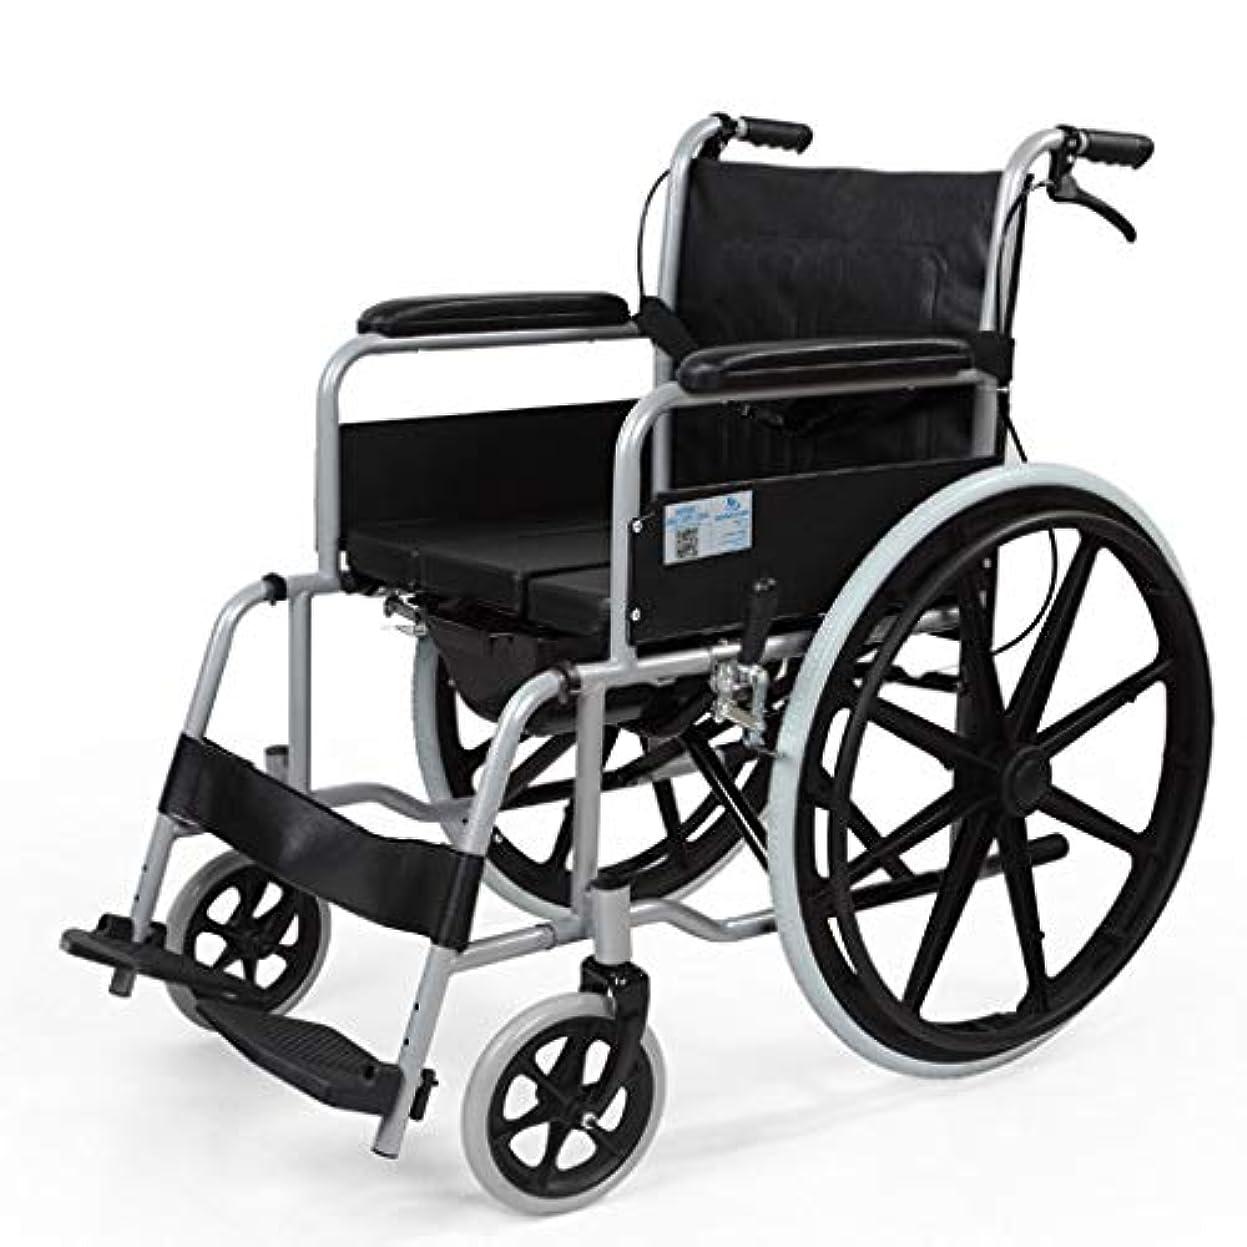 単調なすなわちなぜなら高齢者用車椅子、4つのブレーキ、軽量アルミニウム折りたたみ式自走式車椅子